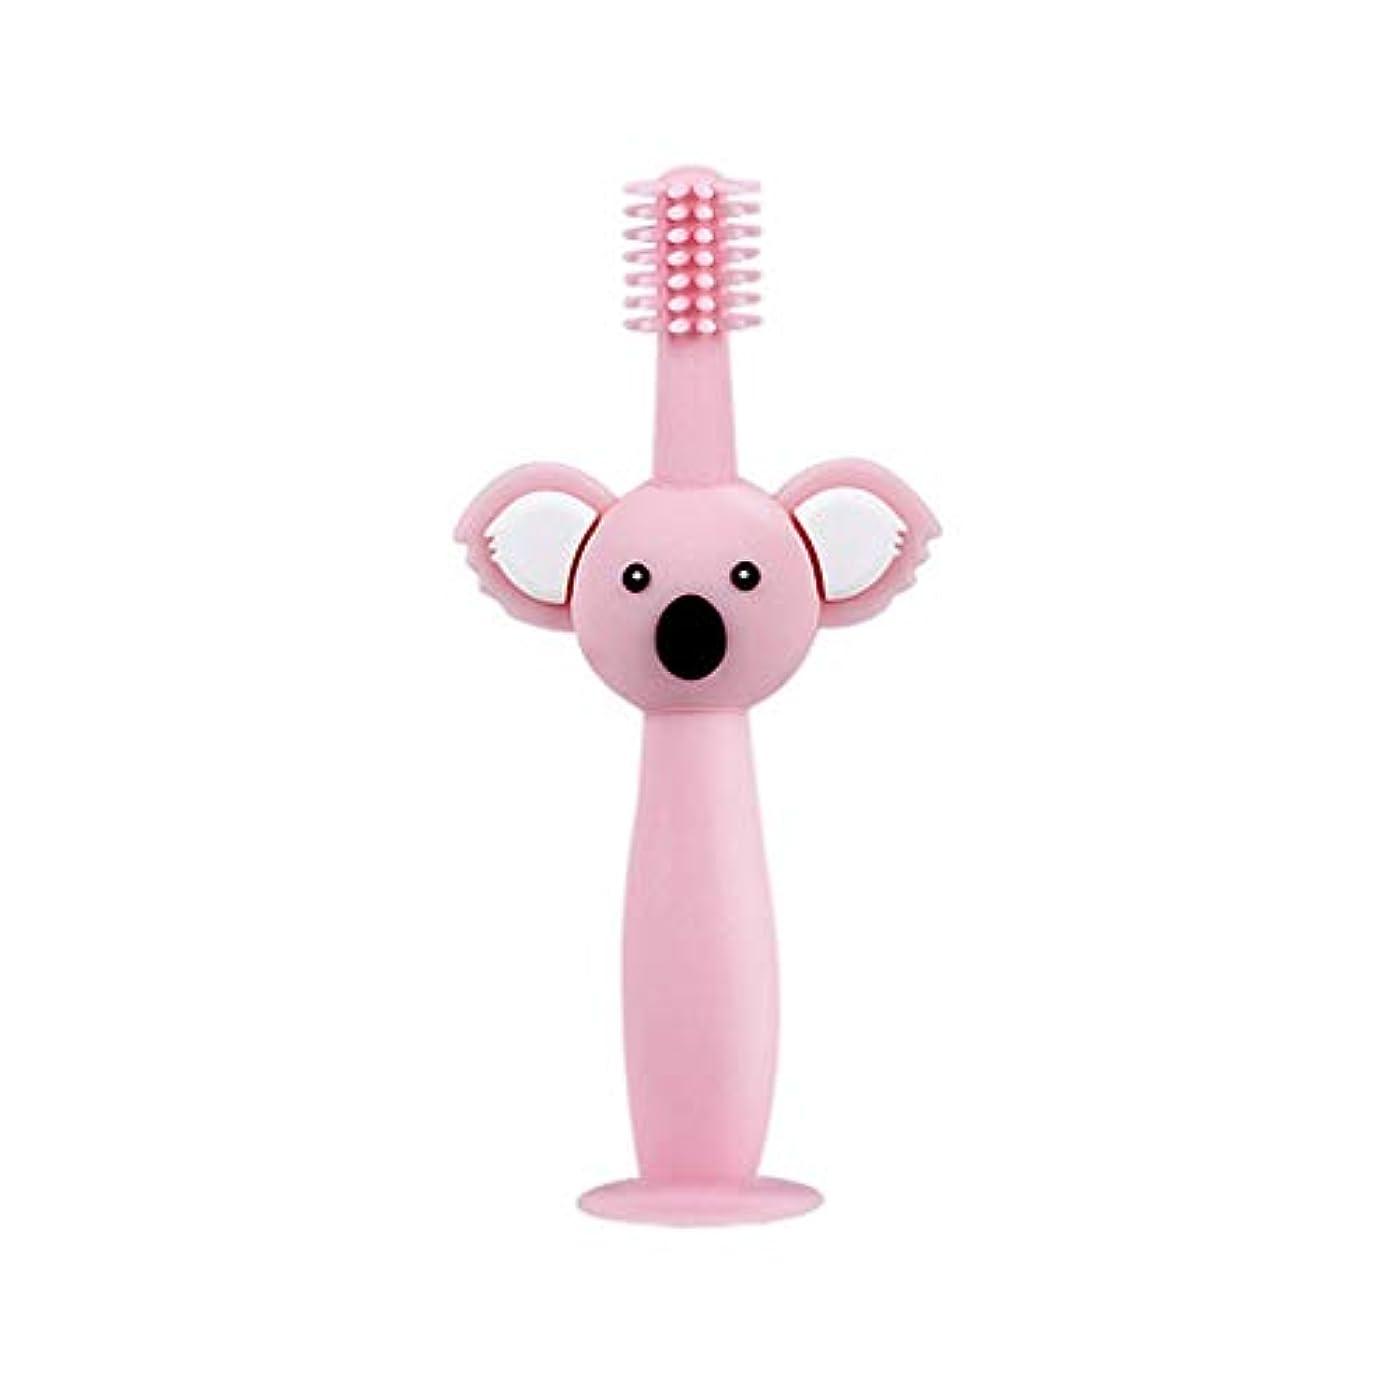 モンゴメリー誰でも梨Biuuu 360°赤ちゃん歯ブラシコアラ頭ハンドル幼児ブラッシング歯トレーニング安全なデザインソフト健康シリコーン幼児口腔ケア (ピンク)